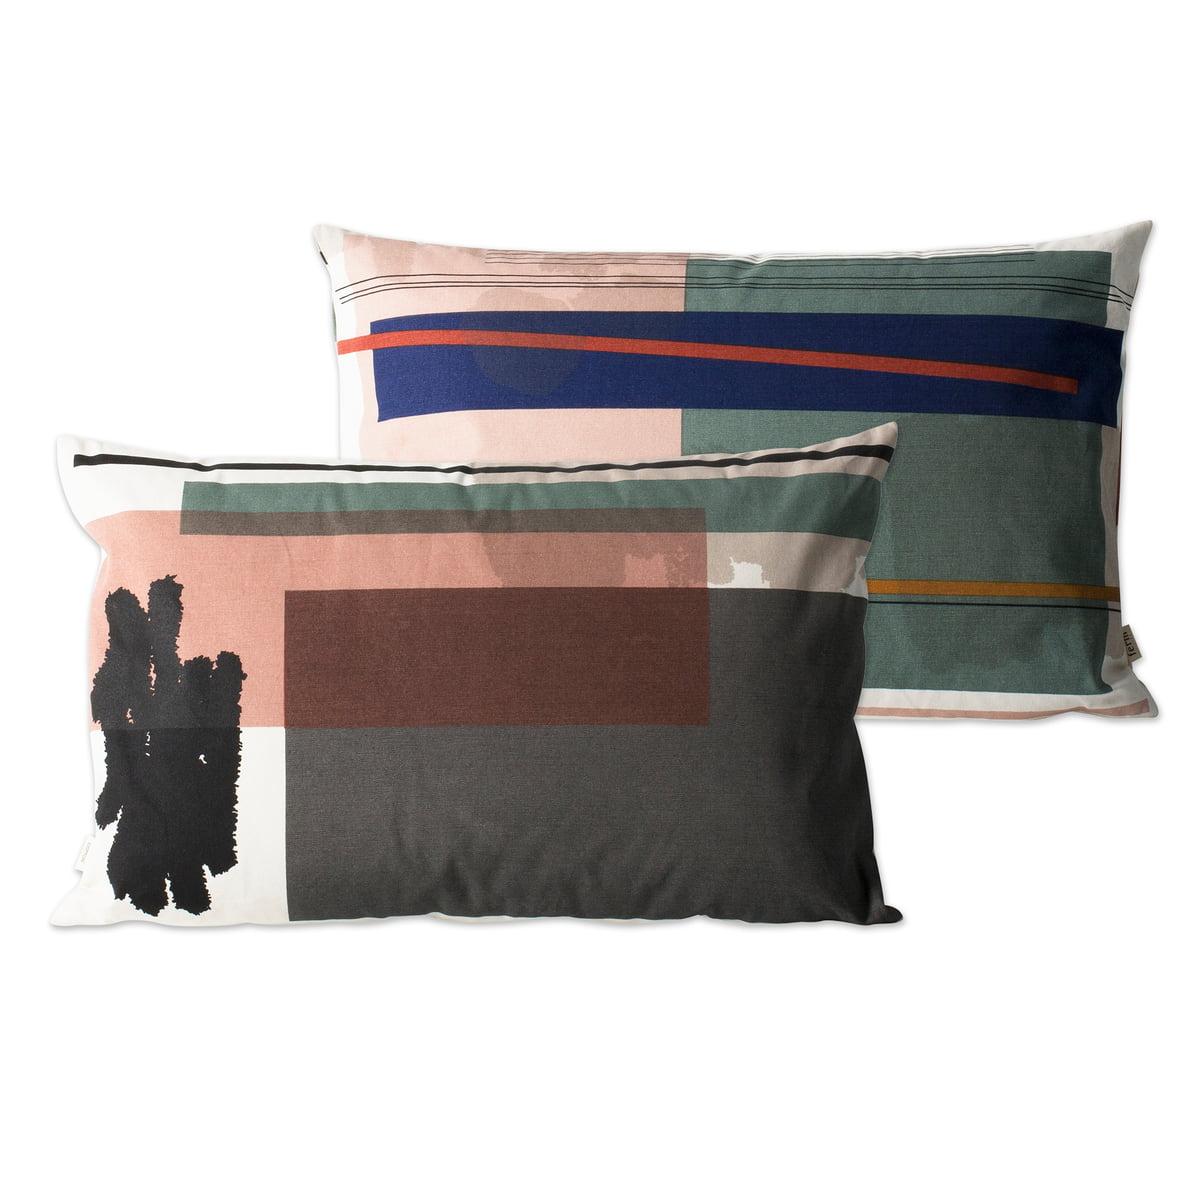 colour block kissen large von ferm living. Black Bedroom Furniture Sets. Home Design Ideas